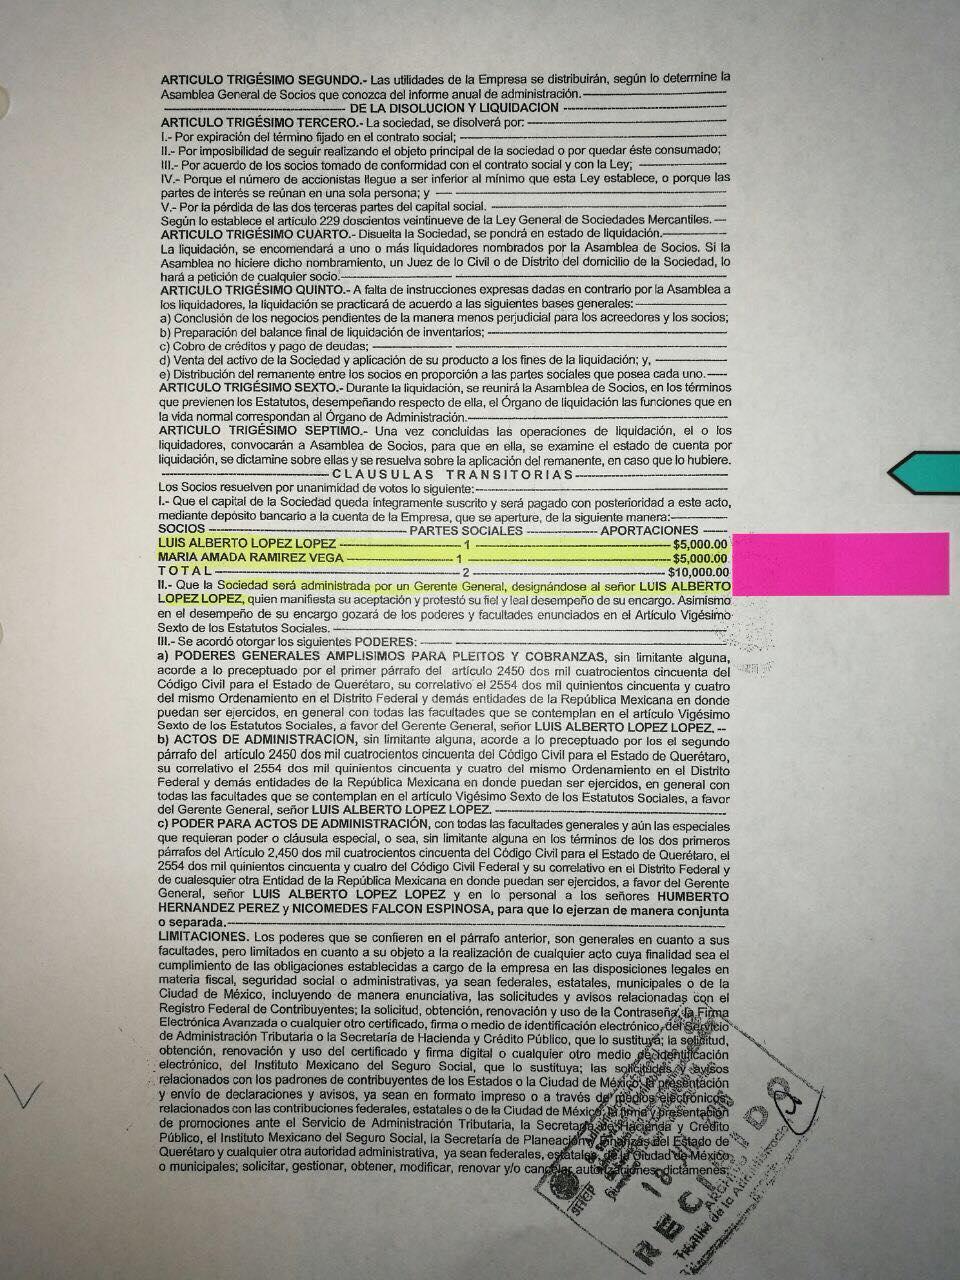 documentos-javier-lozano-despierta-loret-caso-barreiro-1